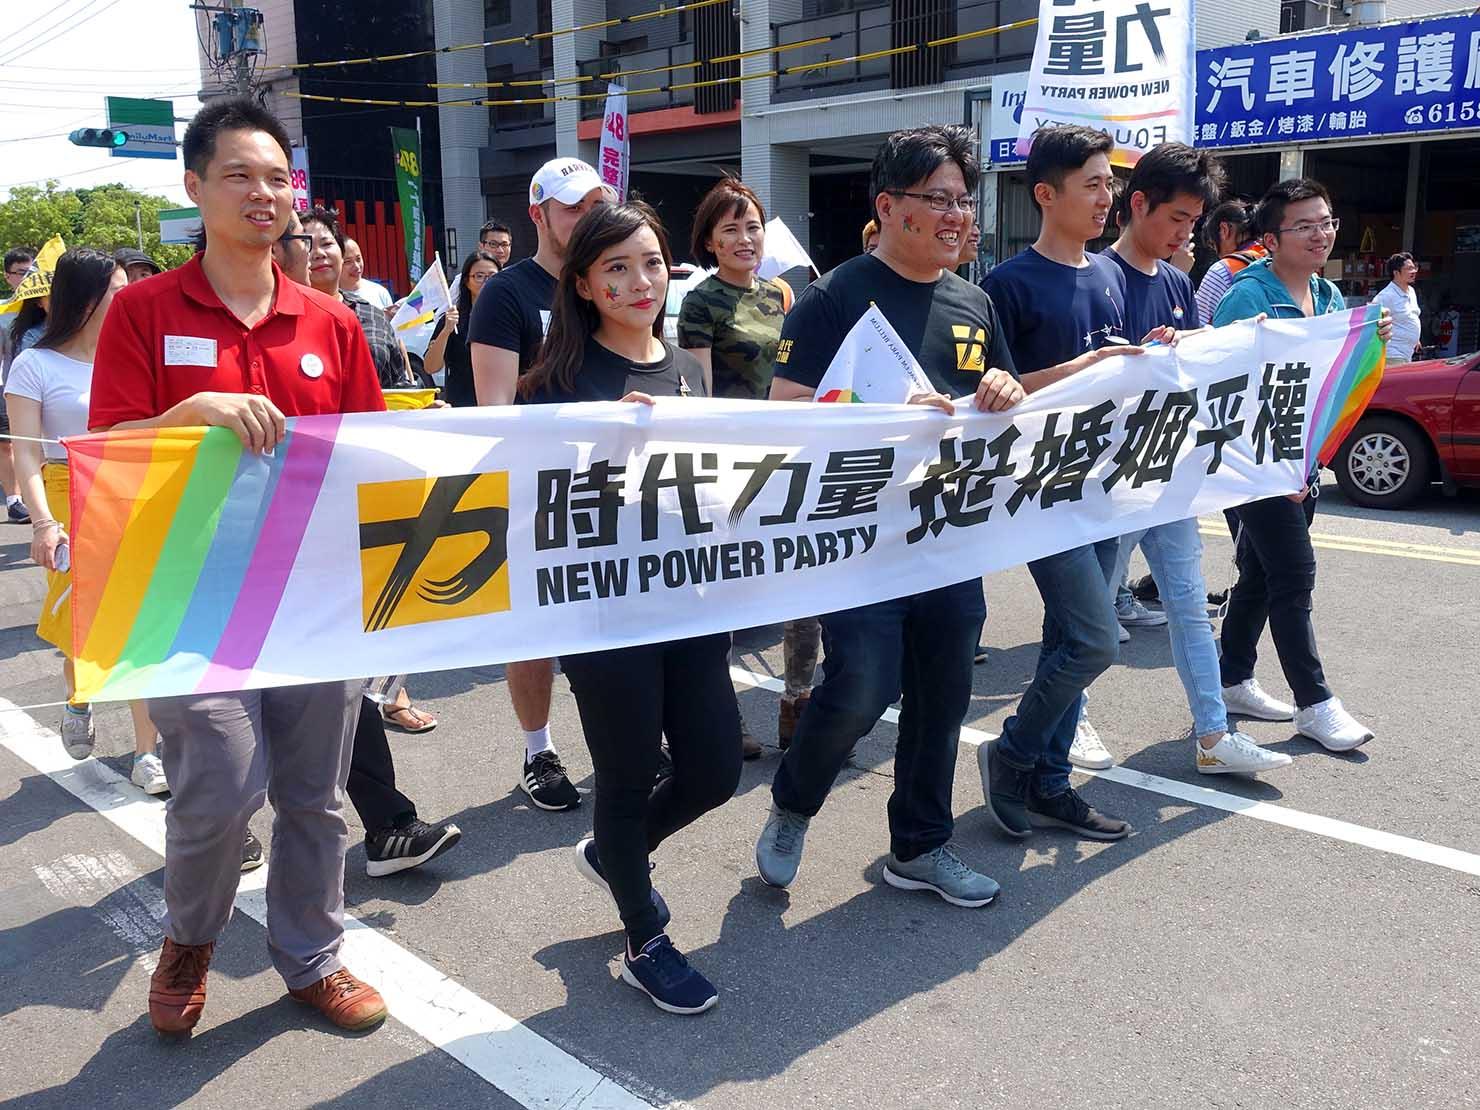 苗栗愛轉來平權遊行(苗栗LGBTプライド)2019のパレードを歩く政党・時代力量